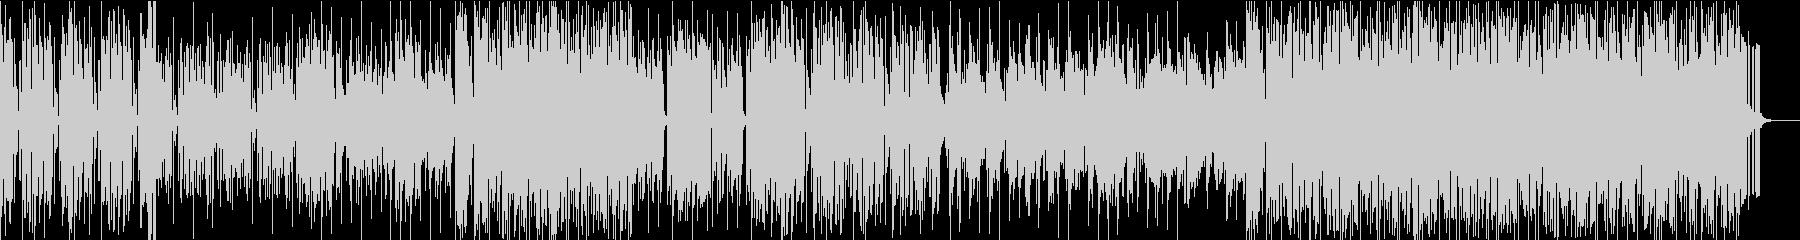 シンセを主体としたテクノポップBGMの未再生の波形